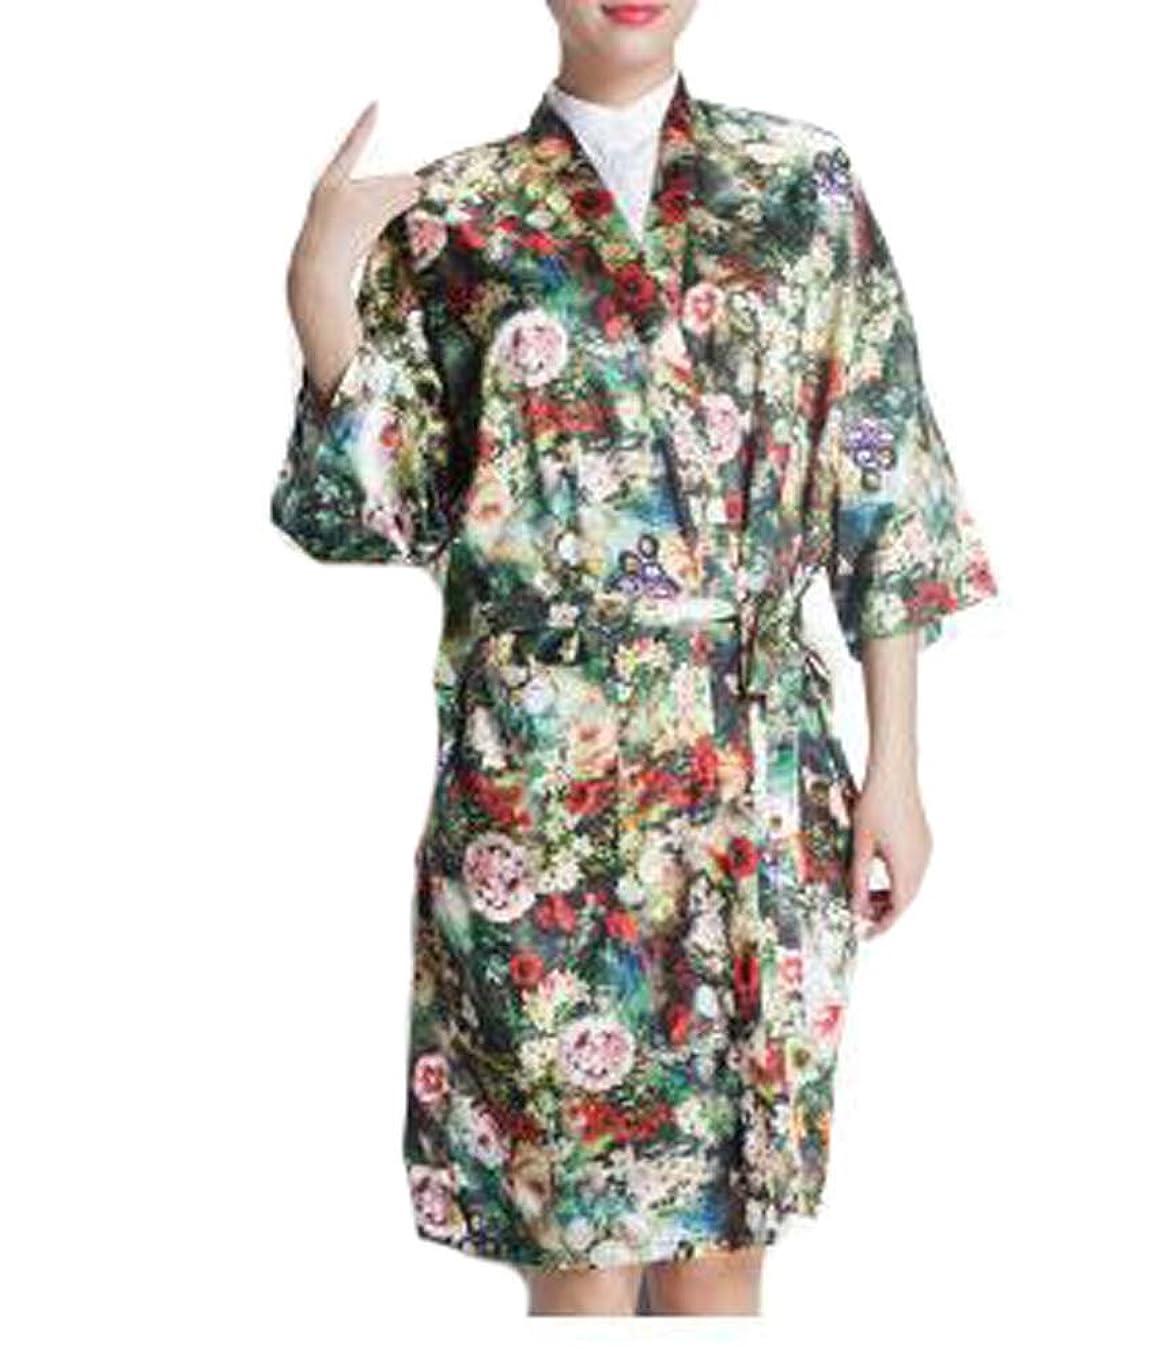 原油成長するケーブルカーサロンクライアントのドレス、クライアント、花のための上品なローブ美容院